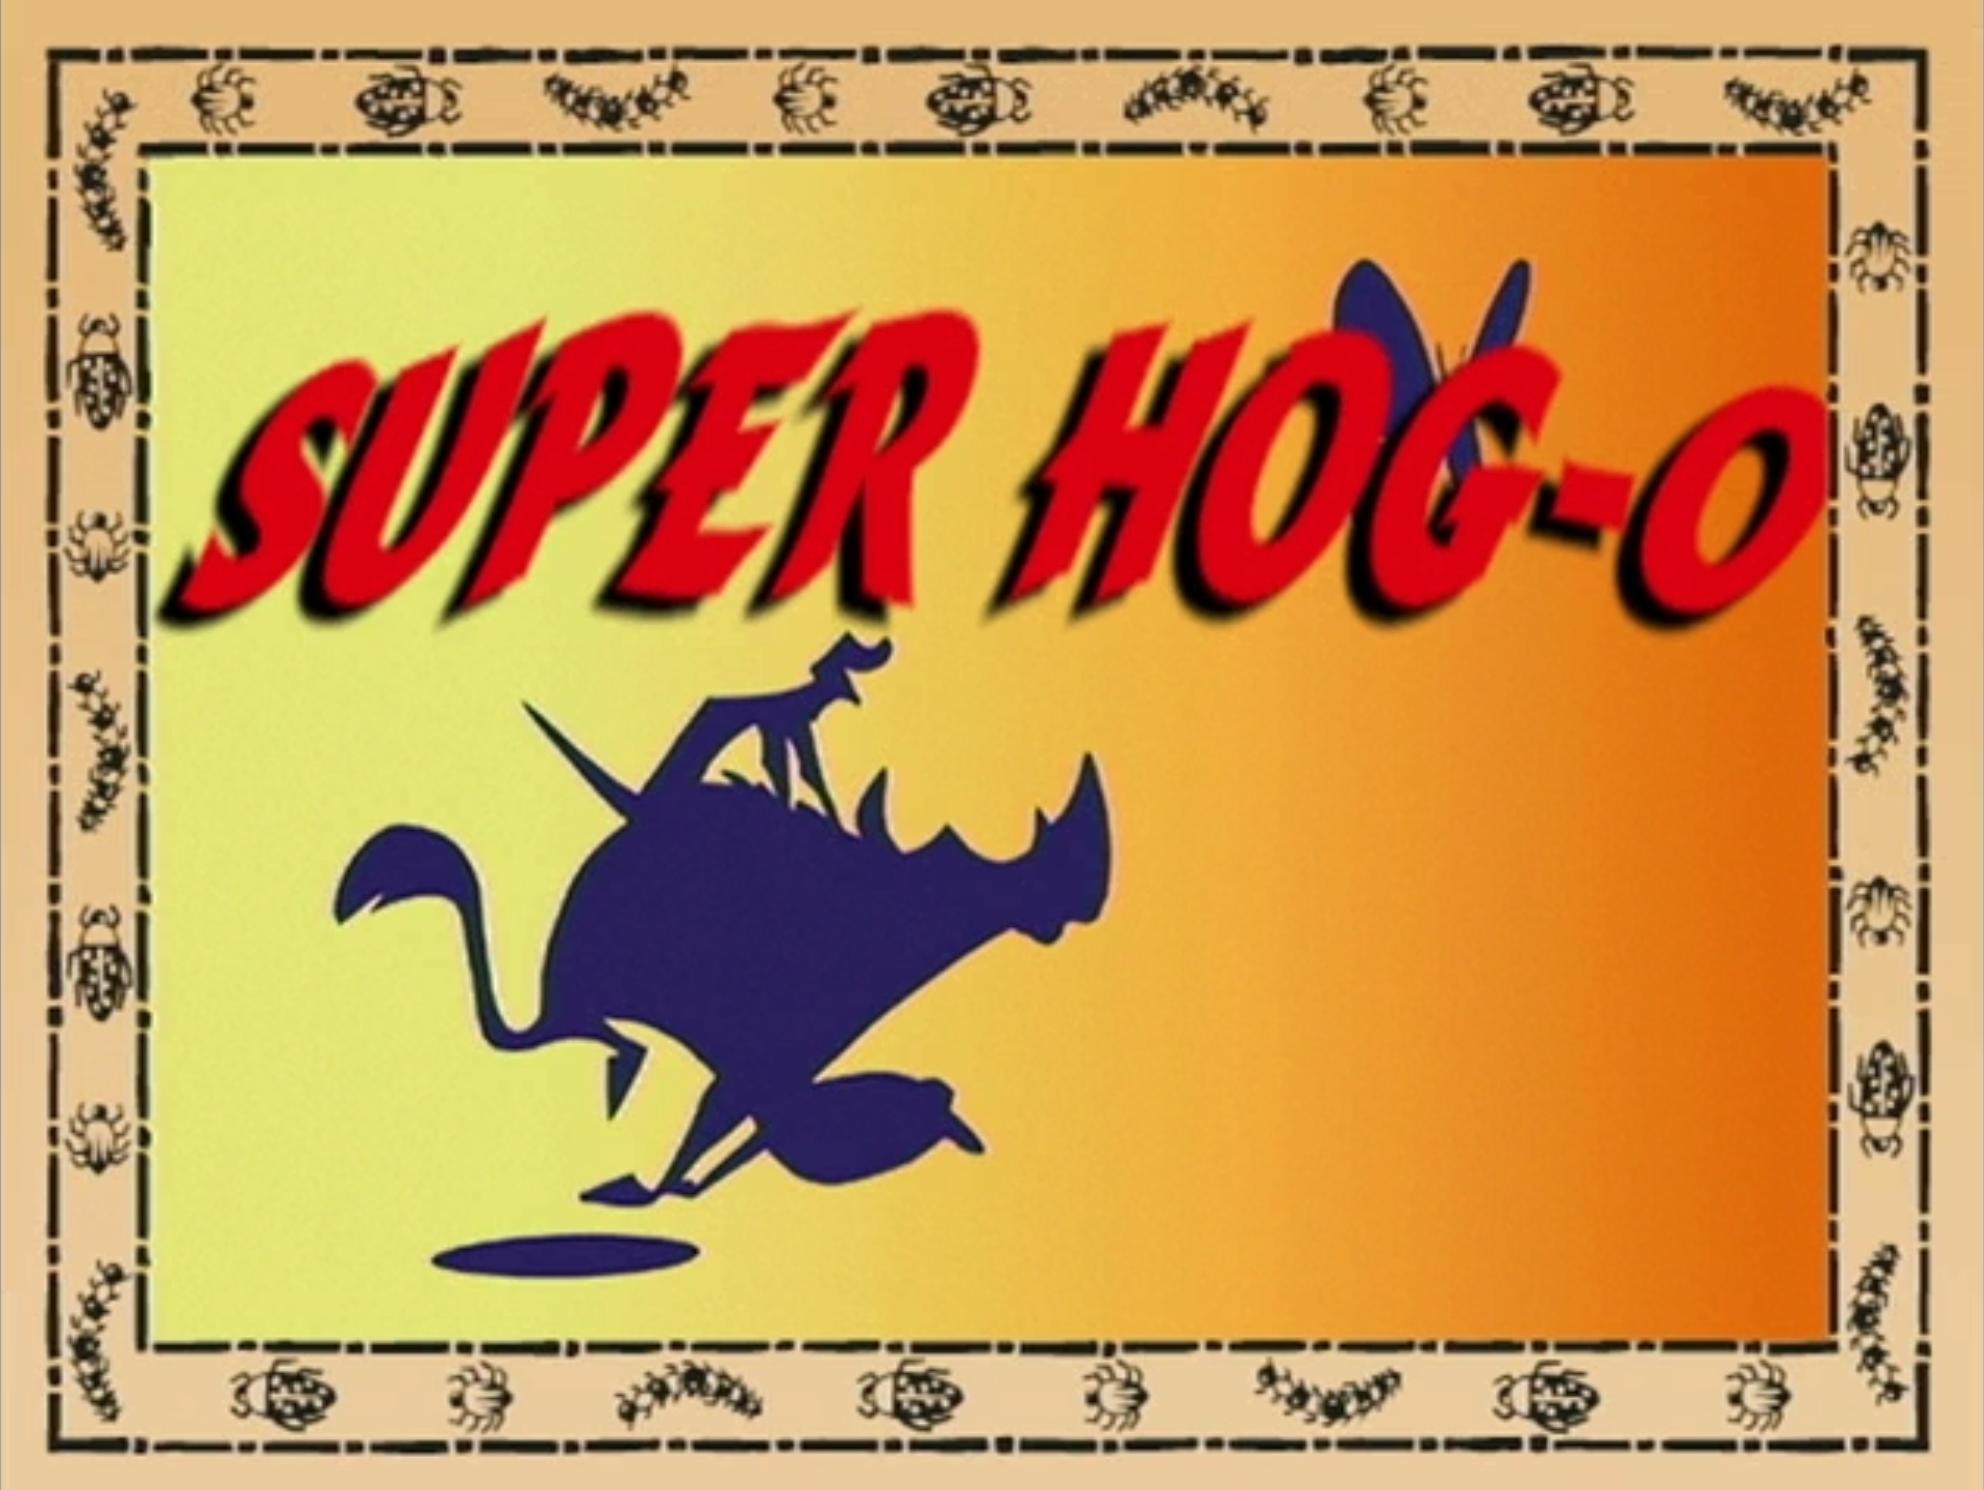 Super Hog-O